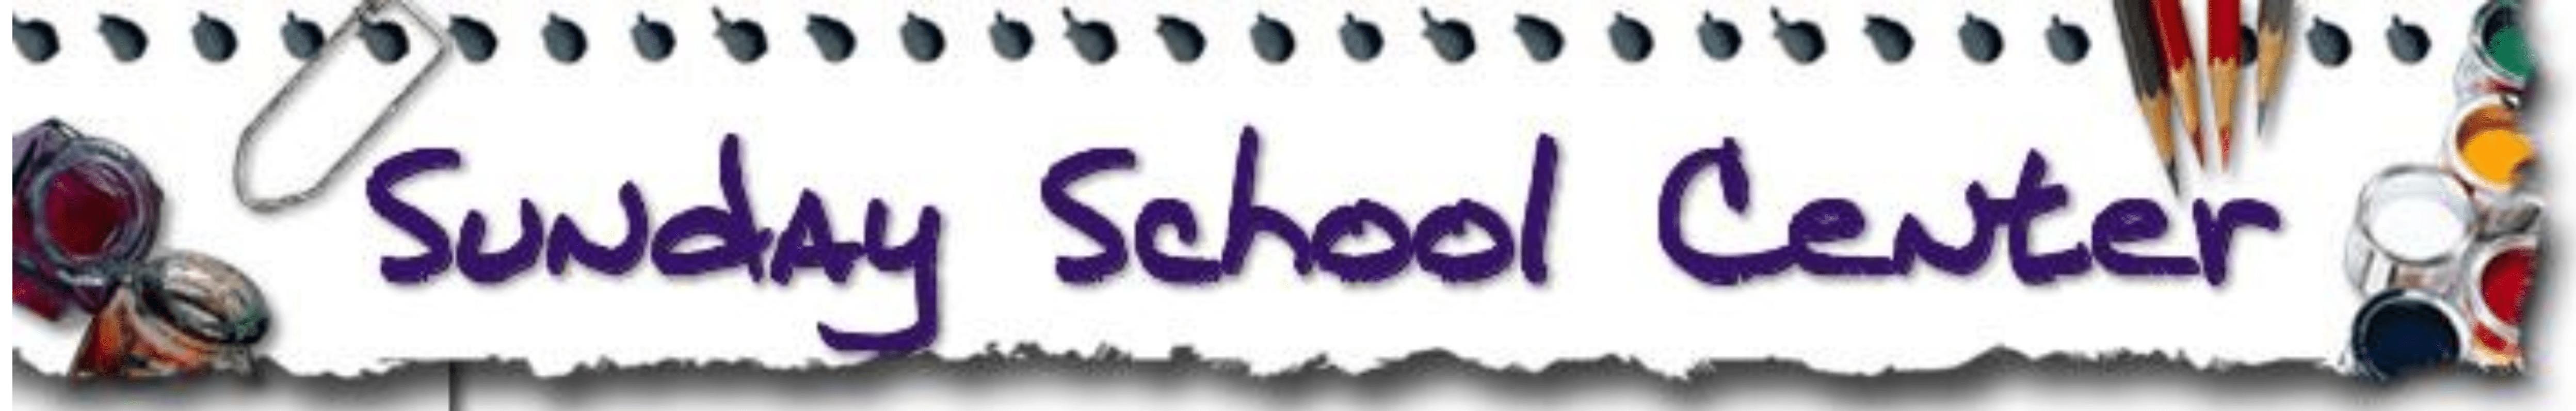 Christian website banner.